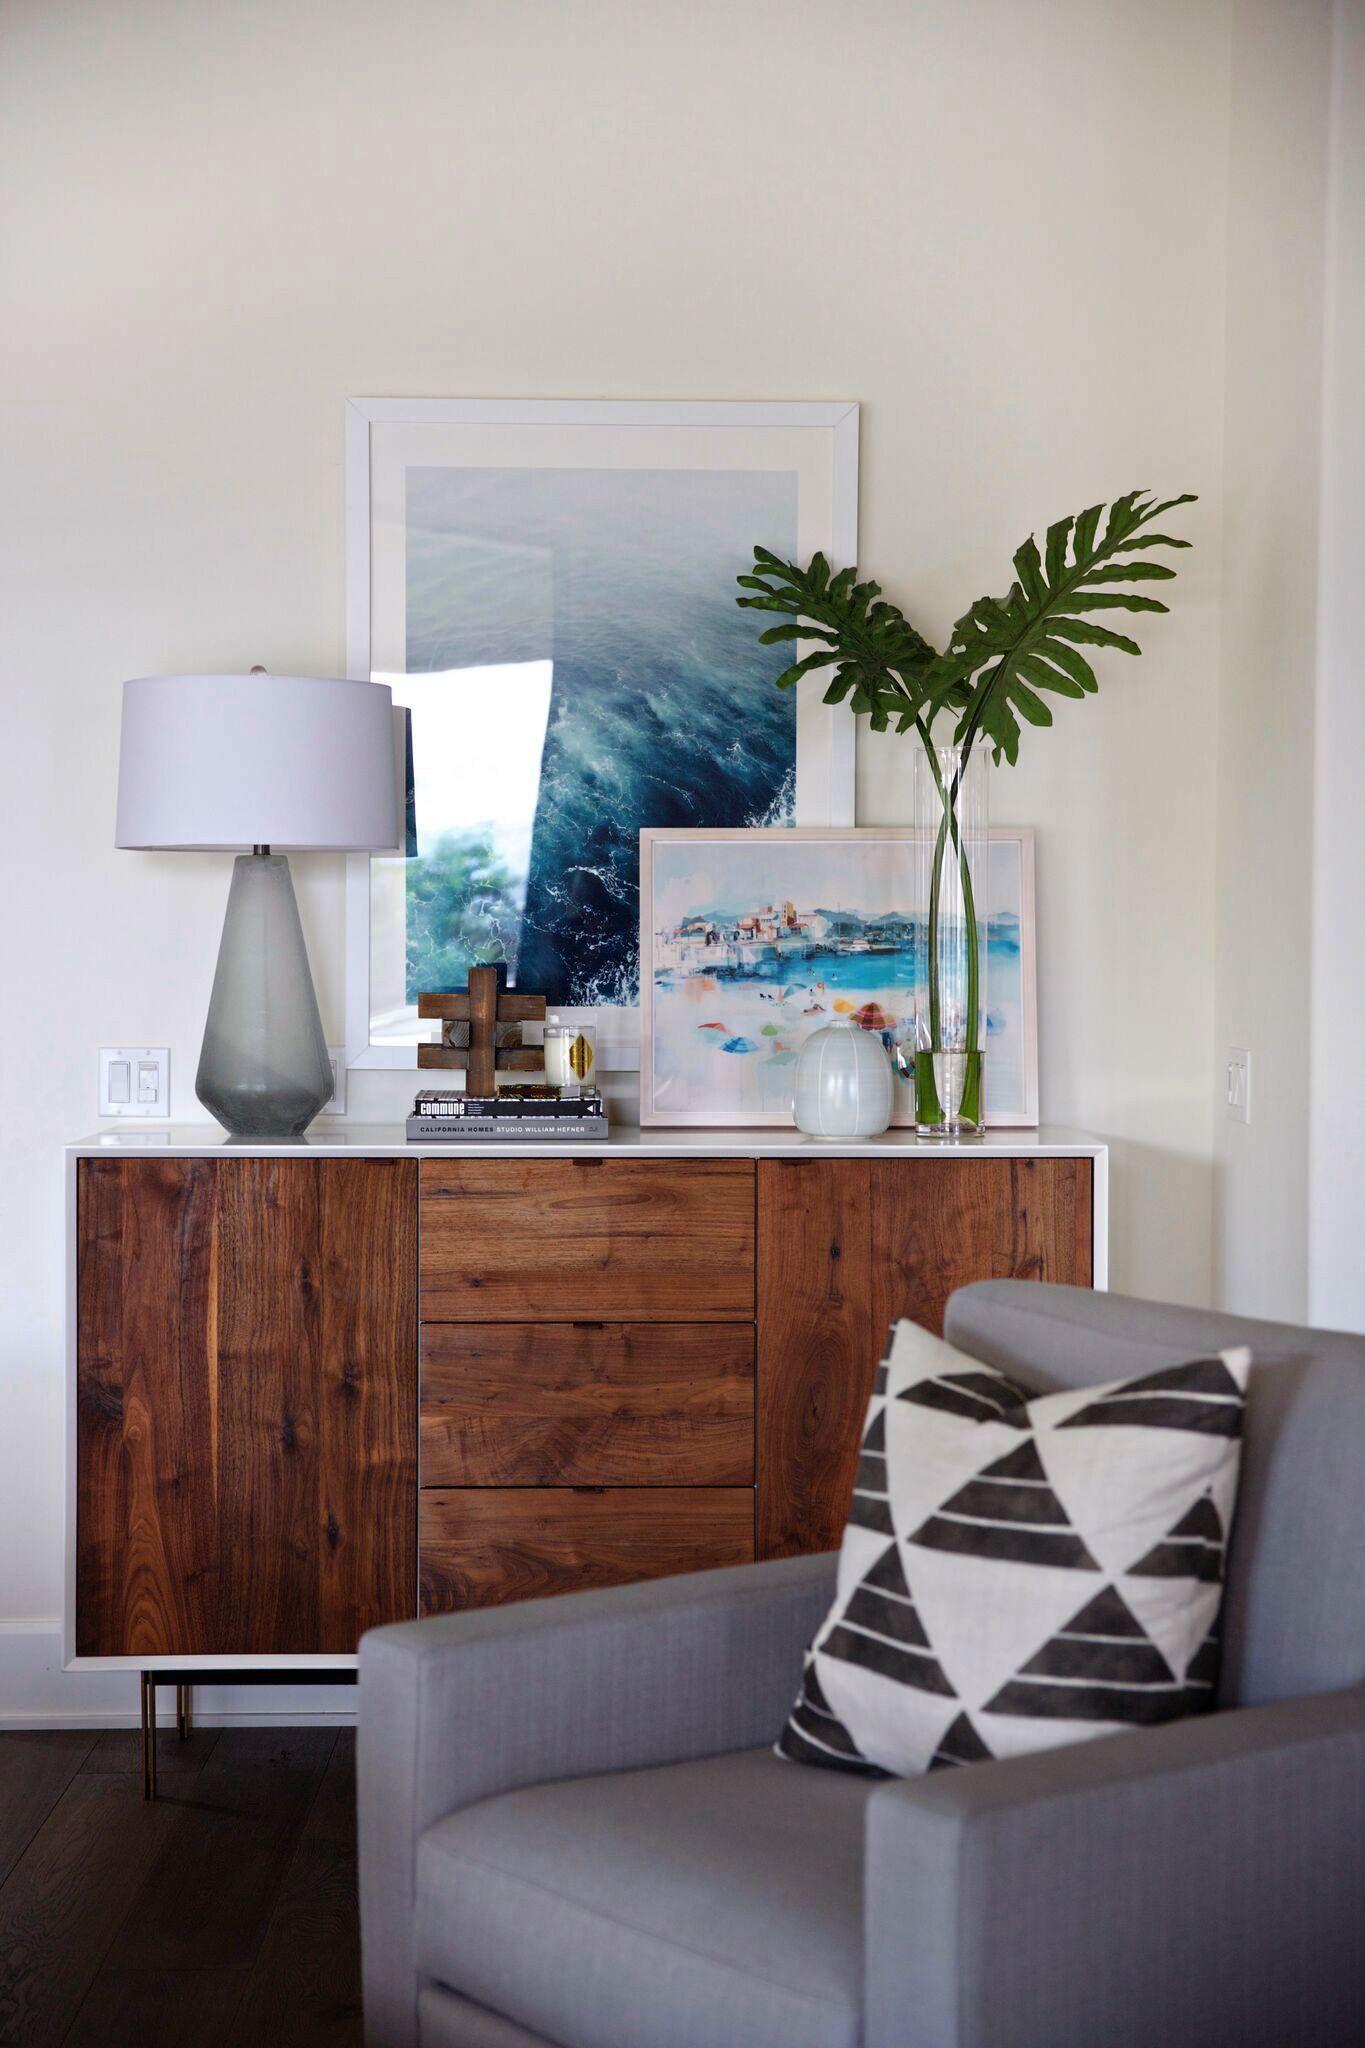 Beach house ideas nz kitchens also rh pinterest